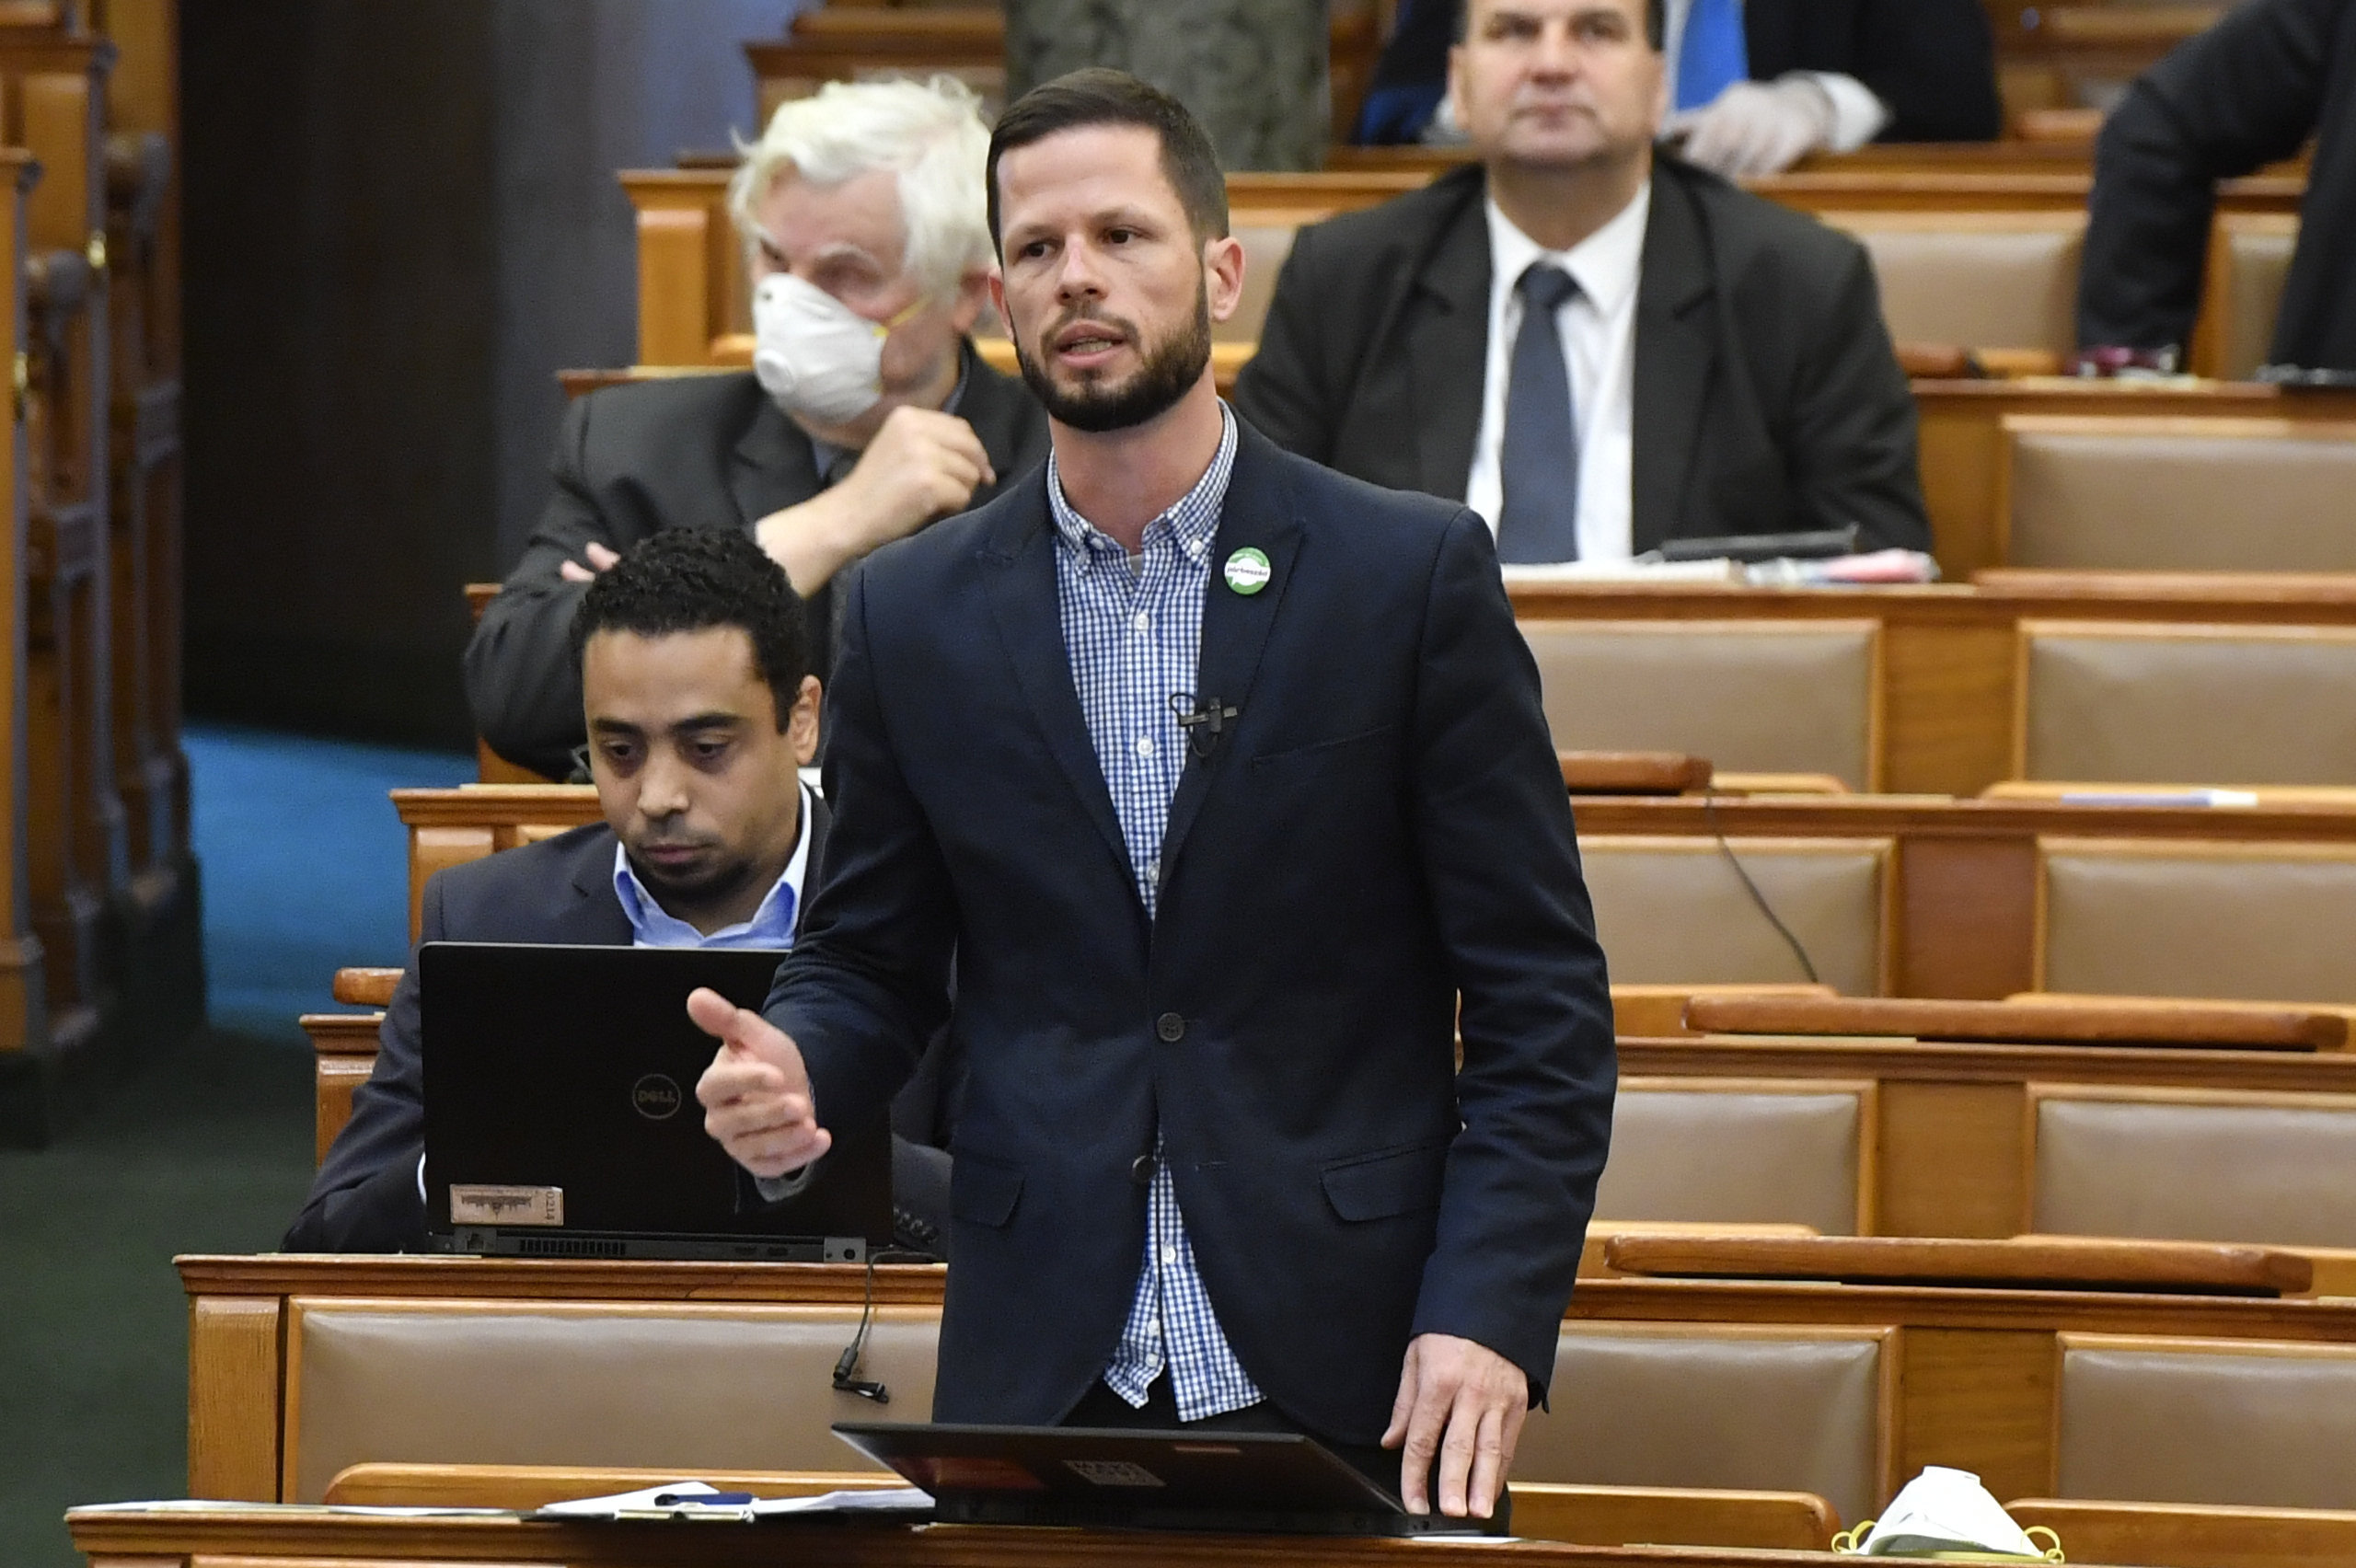 Tordai Bence: 8,2 millió forintra büntetett Kövér László, amiért megpróbáltam visszaszerezni a budai rendelőknek az elvont milliárdokat